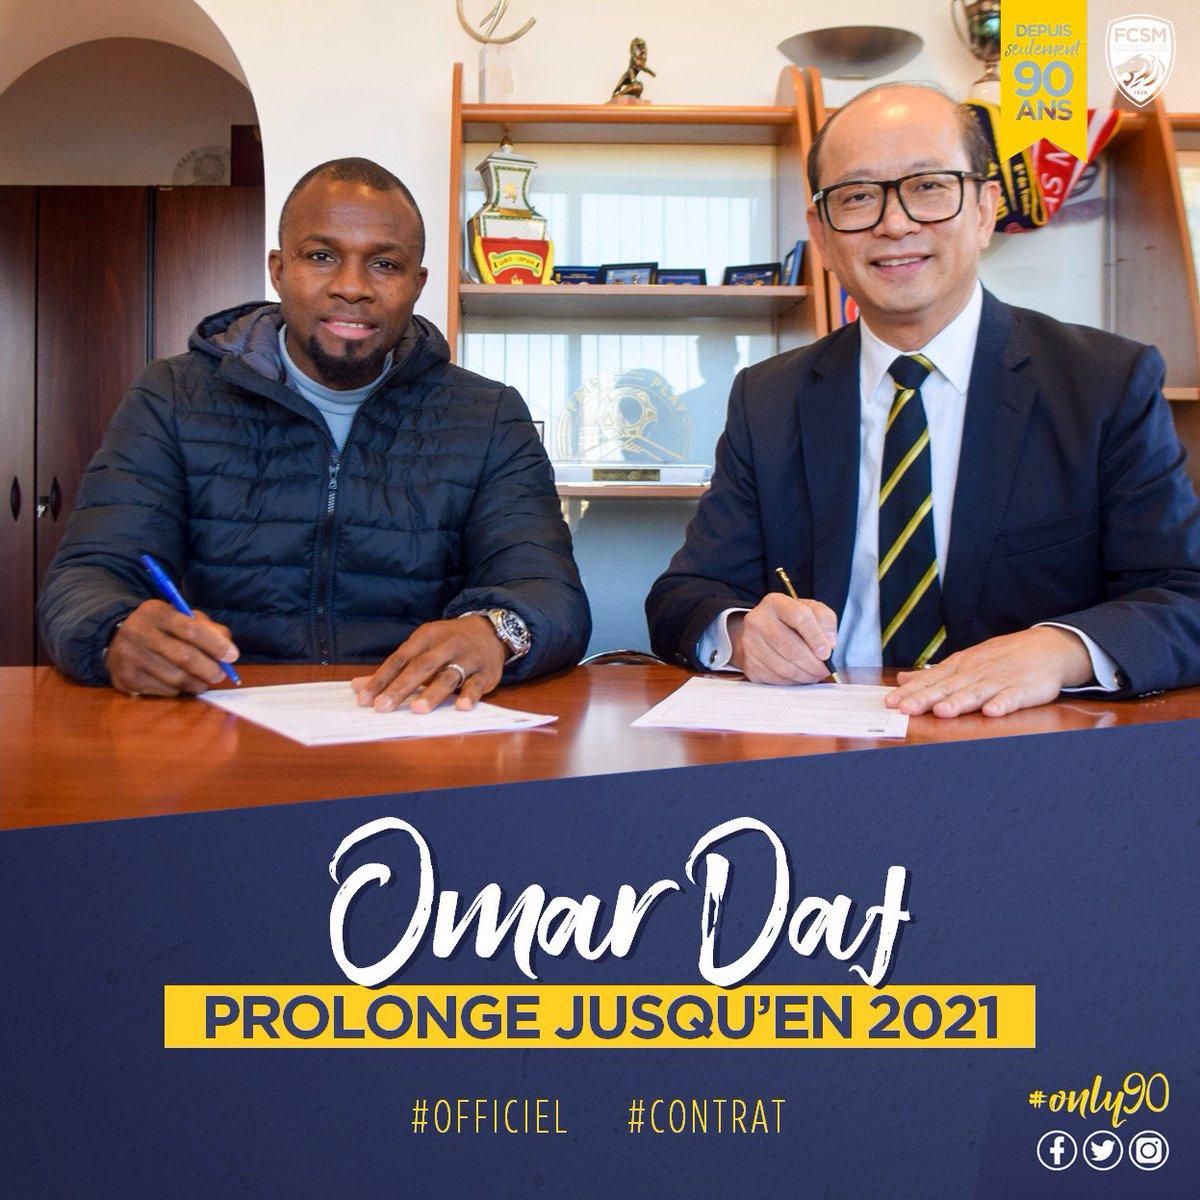 Oumar Daf